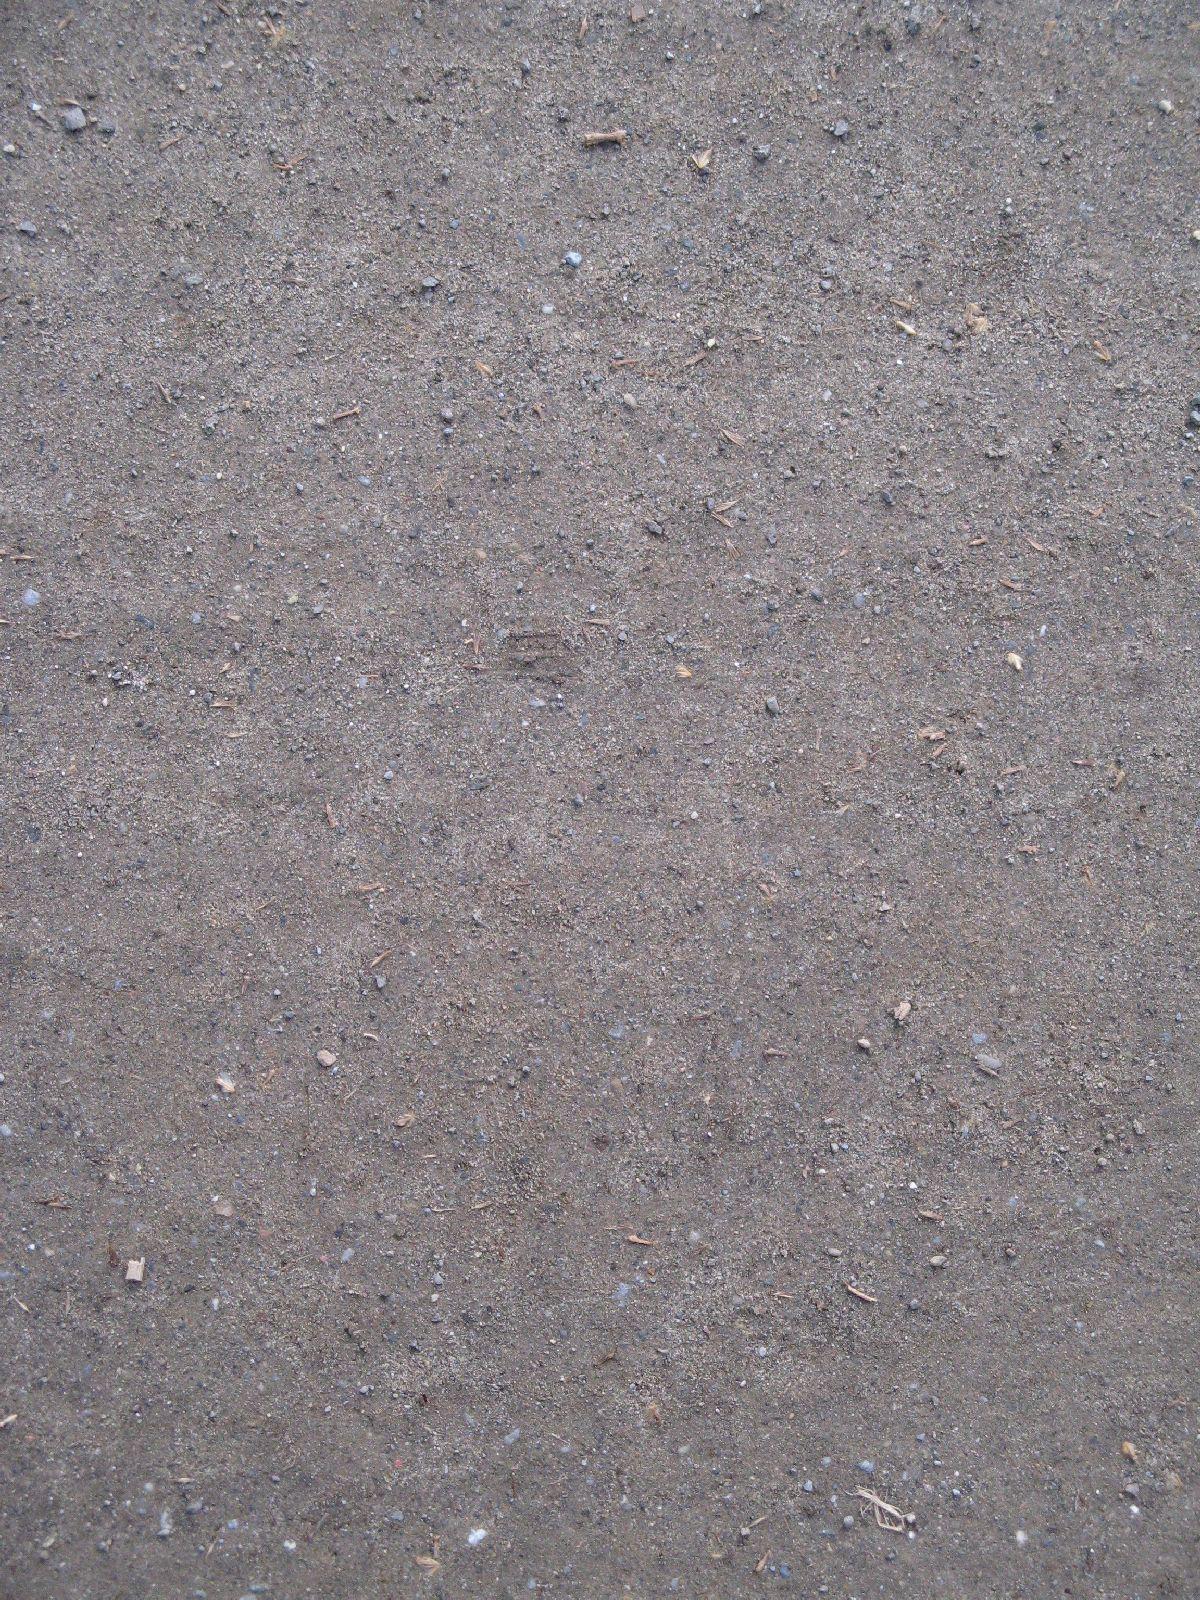 Boden-Gehweg-Strasse-Buergersteig-Textur_B_3816